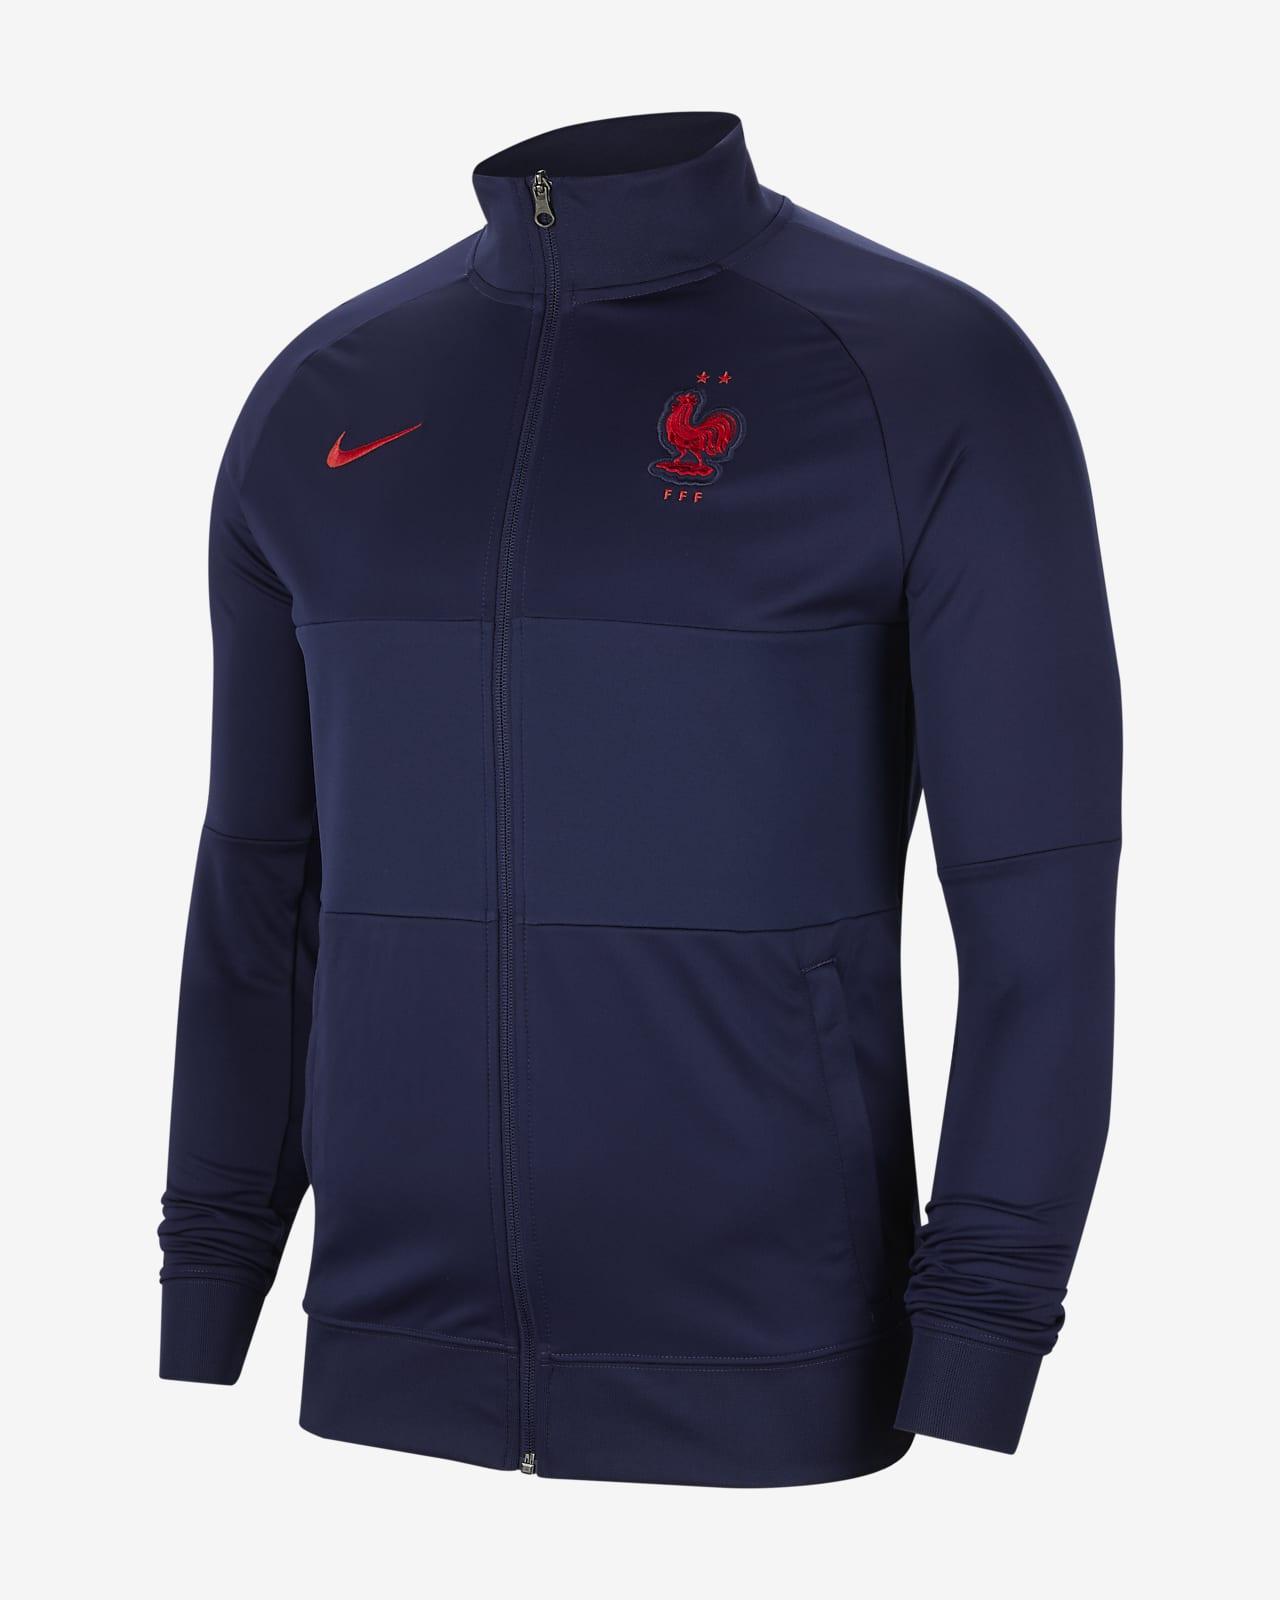 FFF Men's Soccer Track Jacket